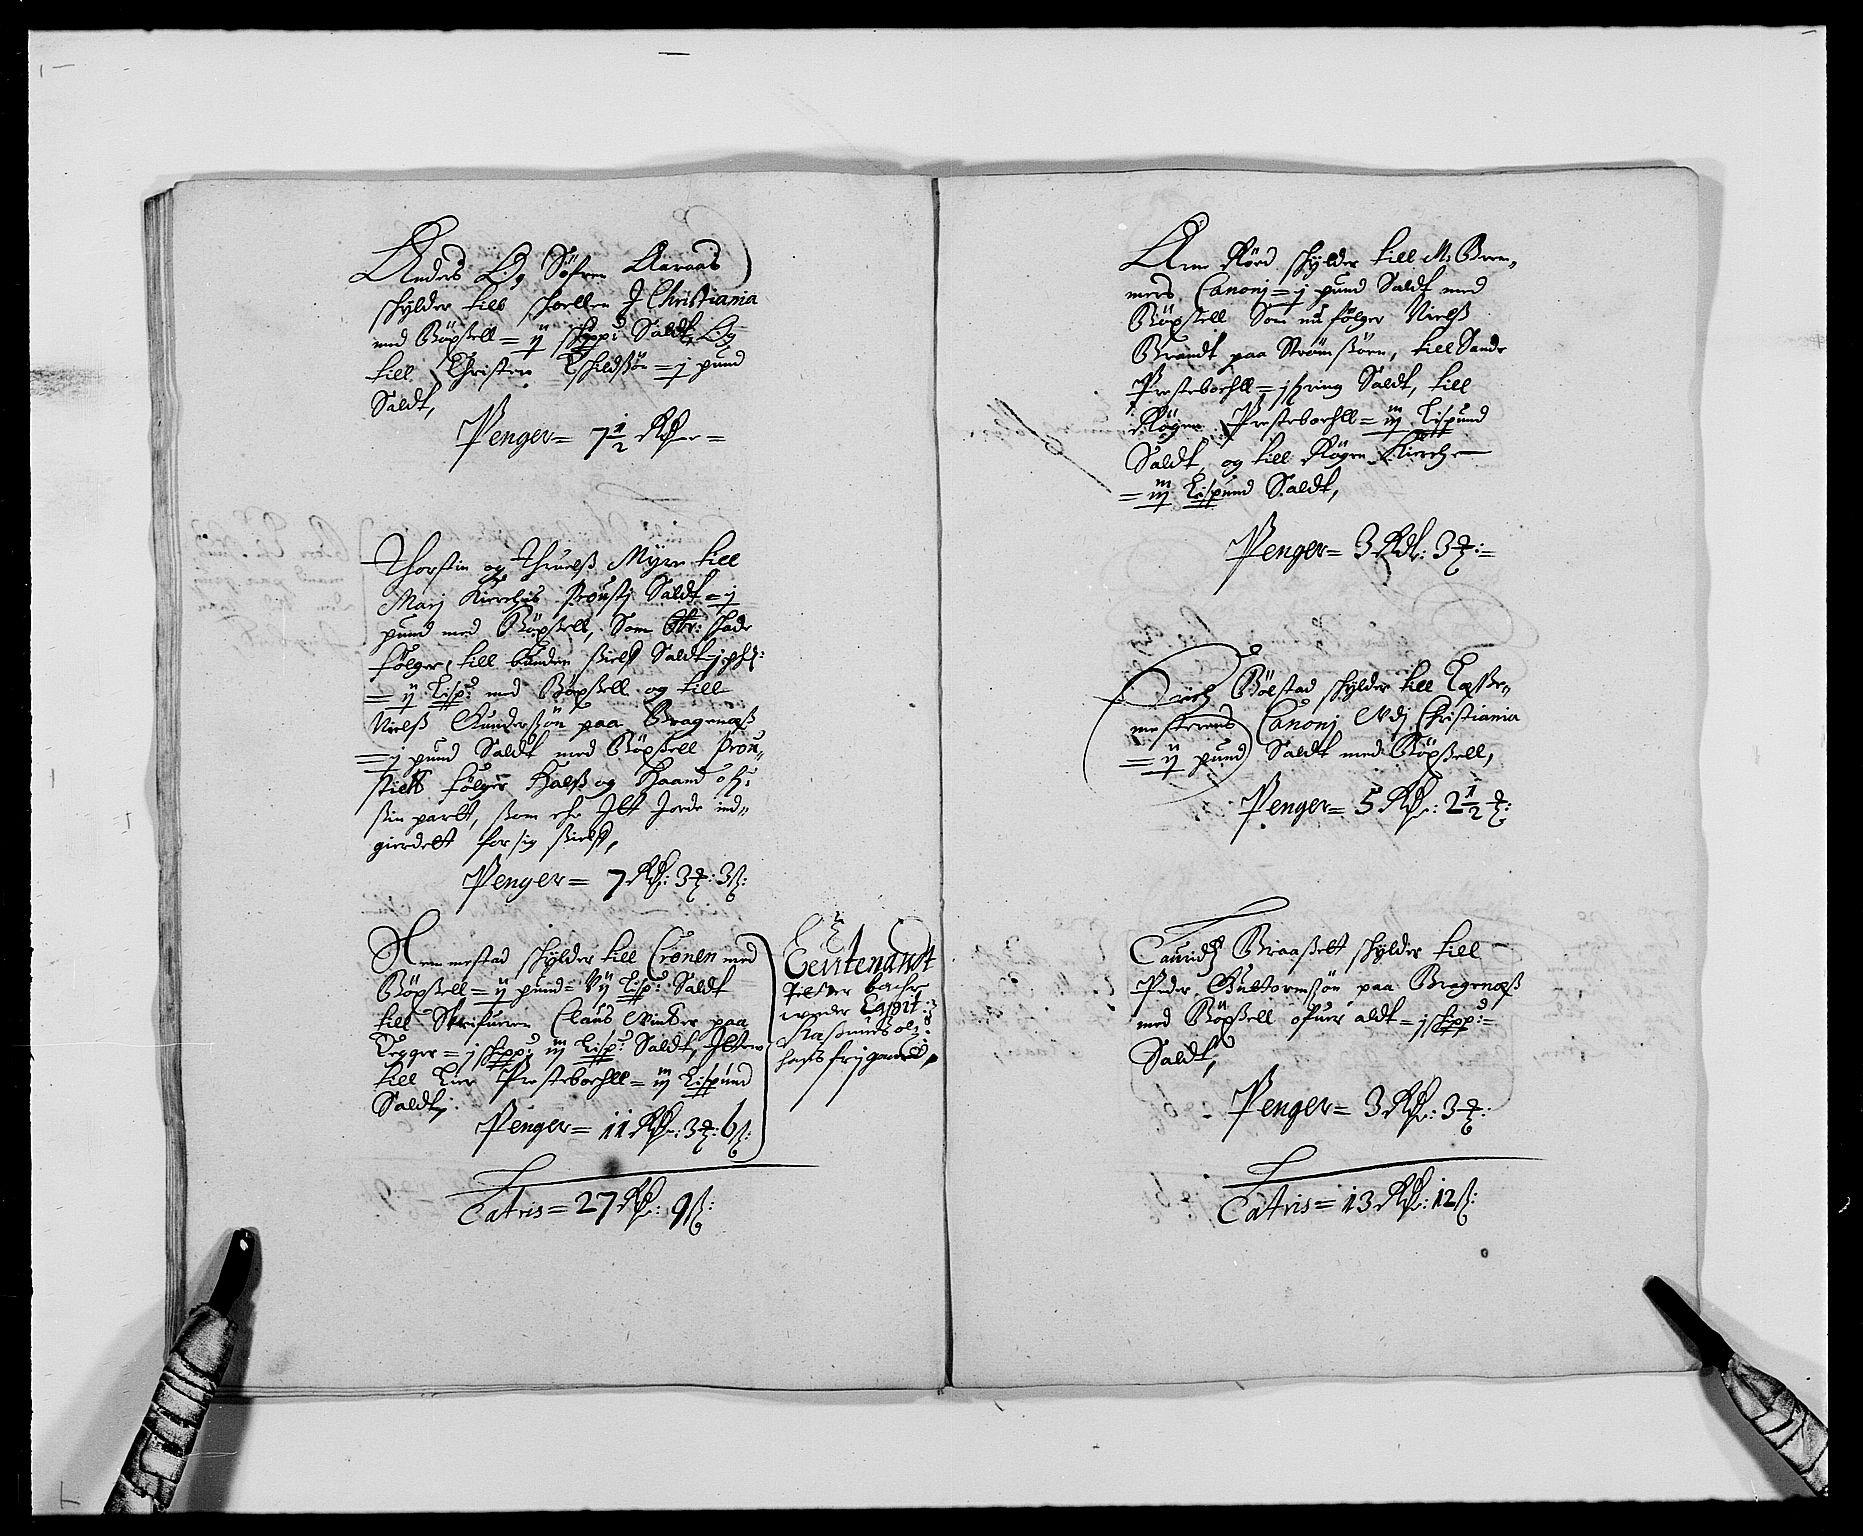 RA, Rentekammeret inntil 1814, Reviderte regnskaper, Fogderegnskap, R29/L1691: Fogderegnskap Hurum og Røyken, 1678-1681, s. 370